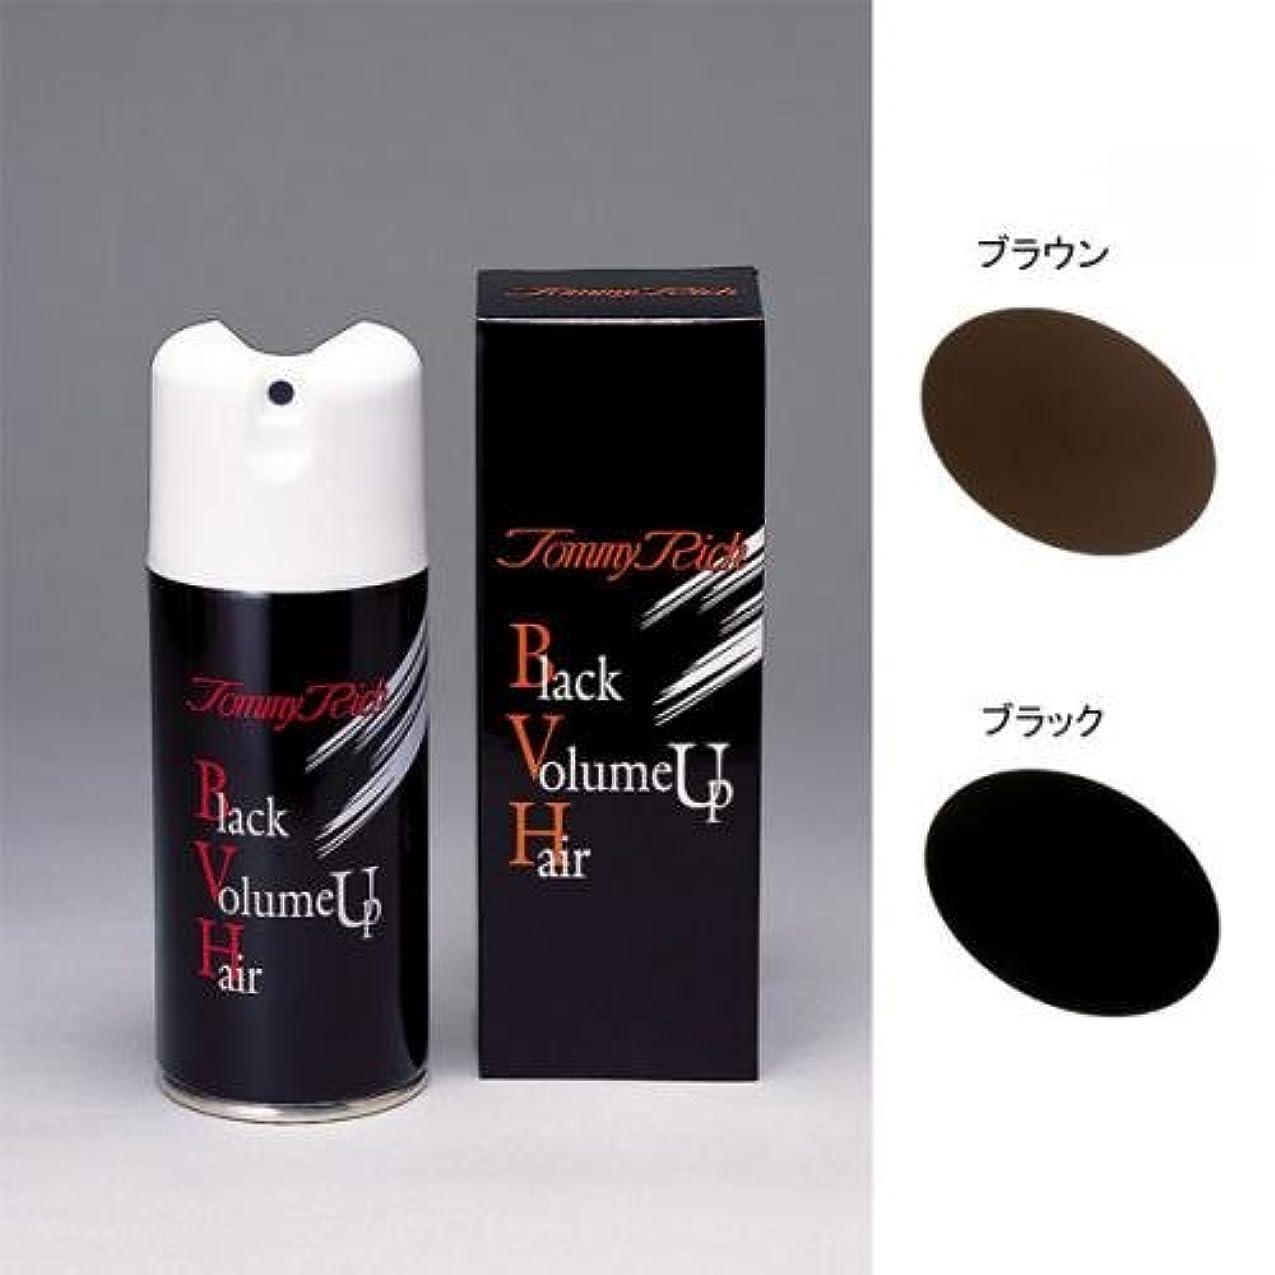 悪化するシール魅了するトミーリッチ ブラックヘアー ブラウン ロット6 【6点】